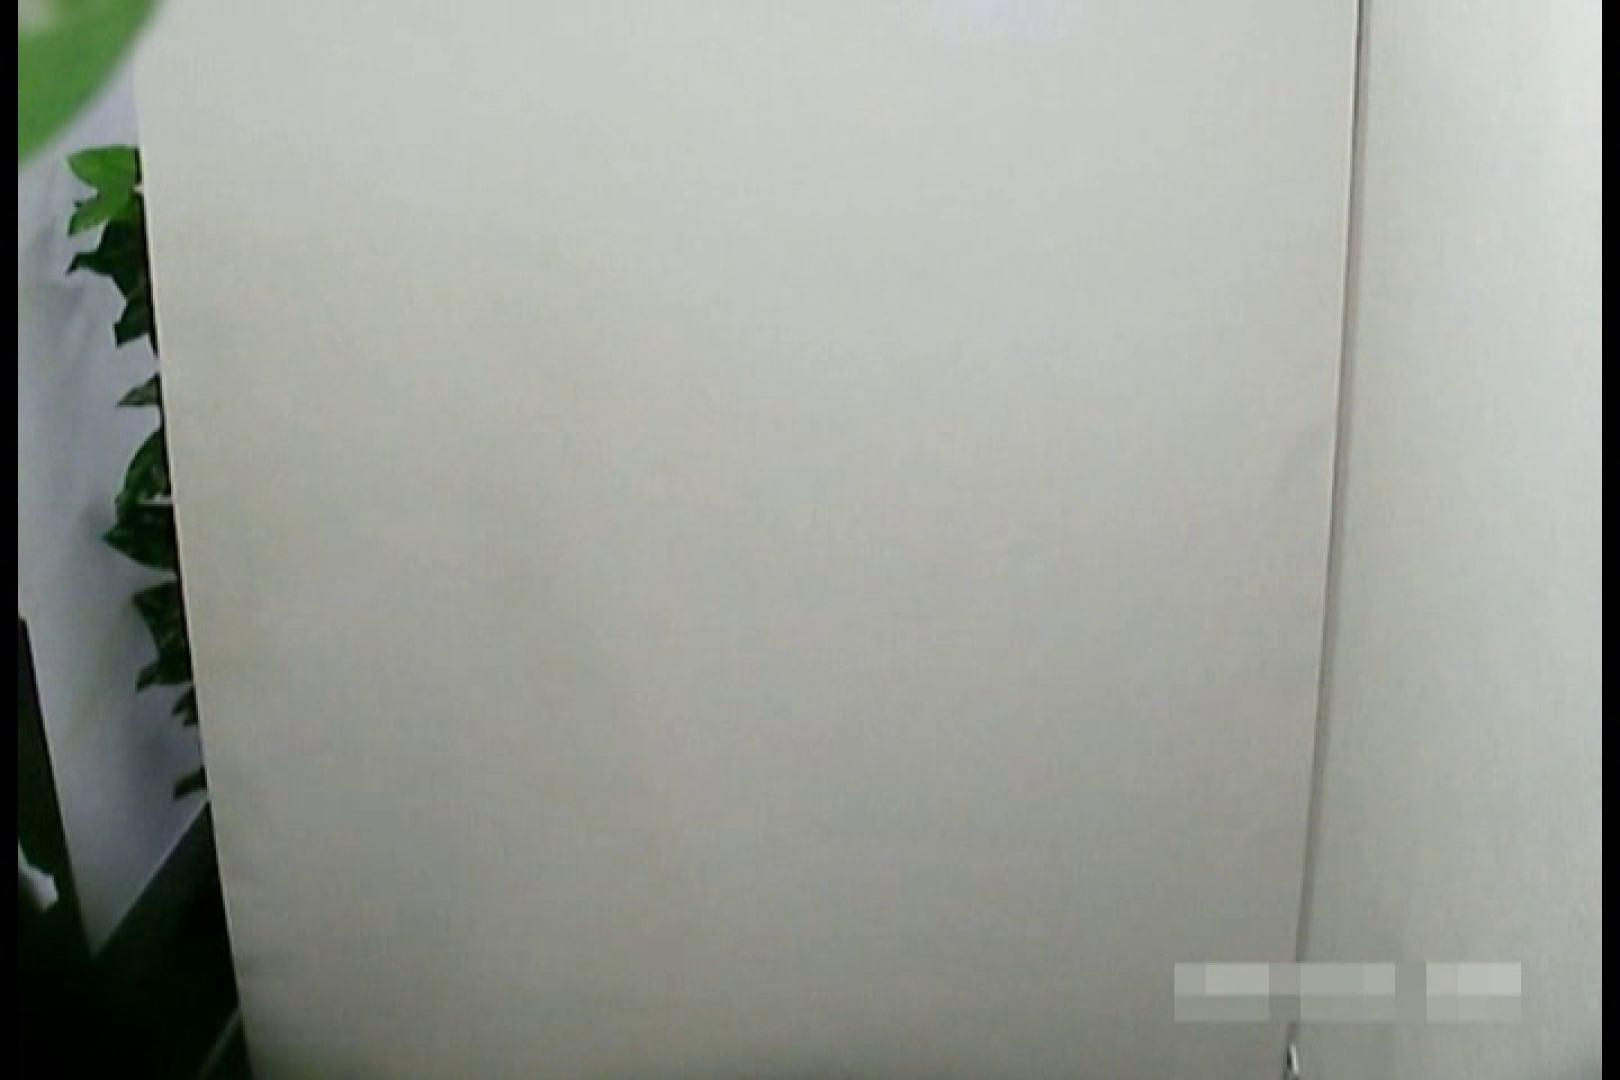 素人撮影 下着だけの撮影のはずが・・・エミちゃん18歳 素人のぞき エロ画像 65pic 65